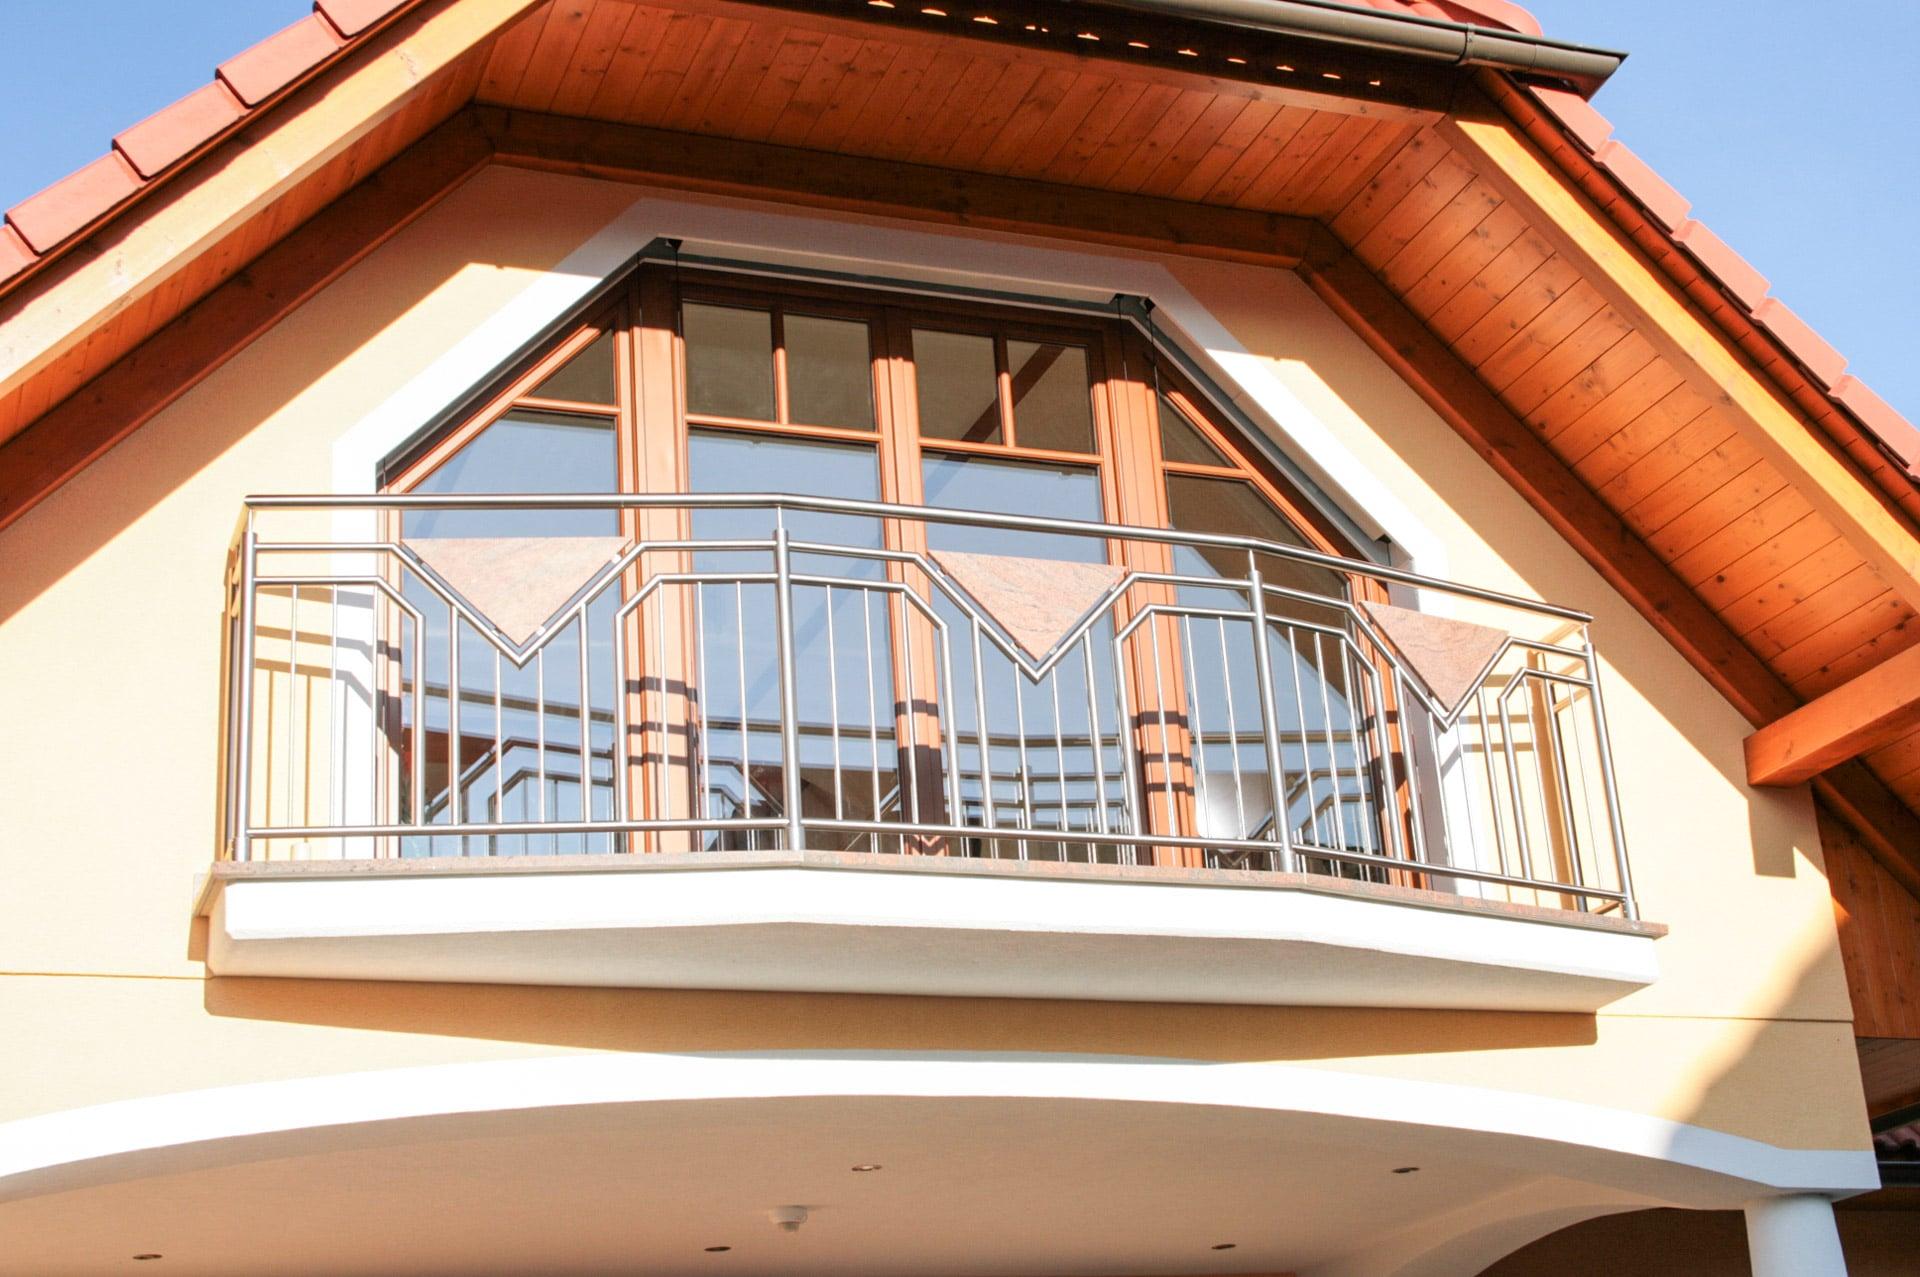 Hamburg 01 a | Aufgesetzt montierter Nirosta-Stab-Balkon mit dreieckiger Steinplatte braun | Svoboda